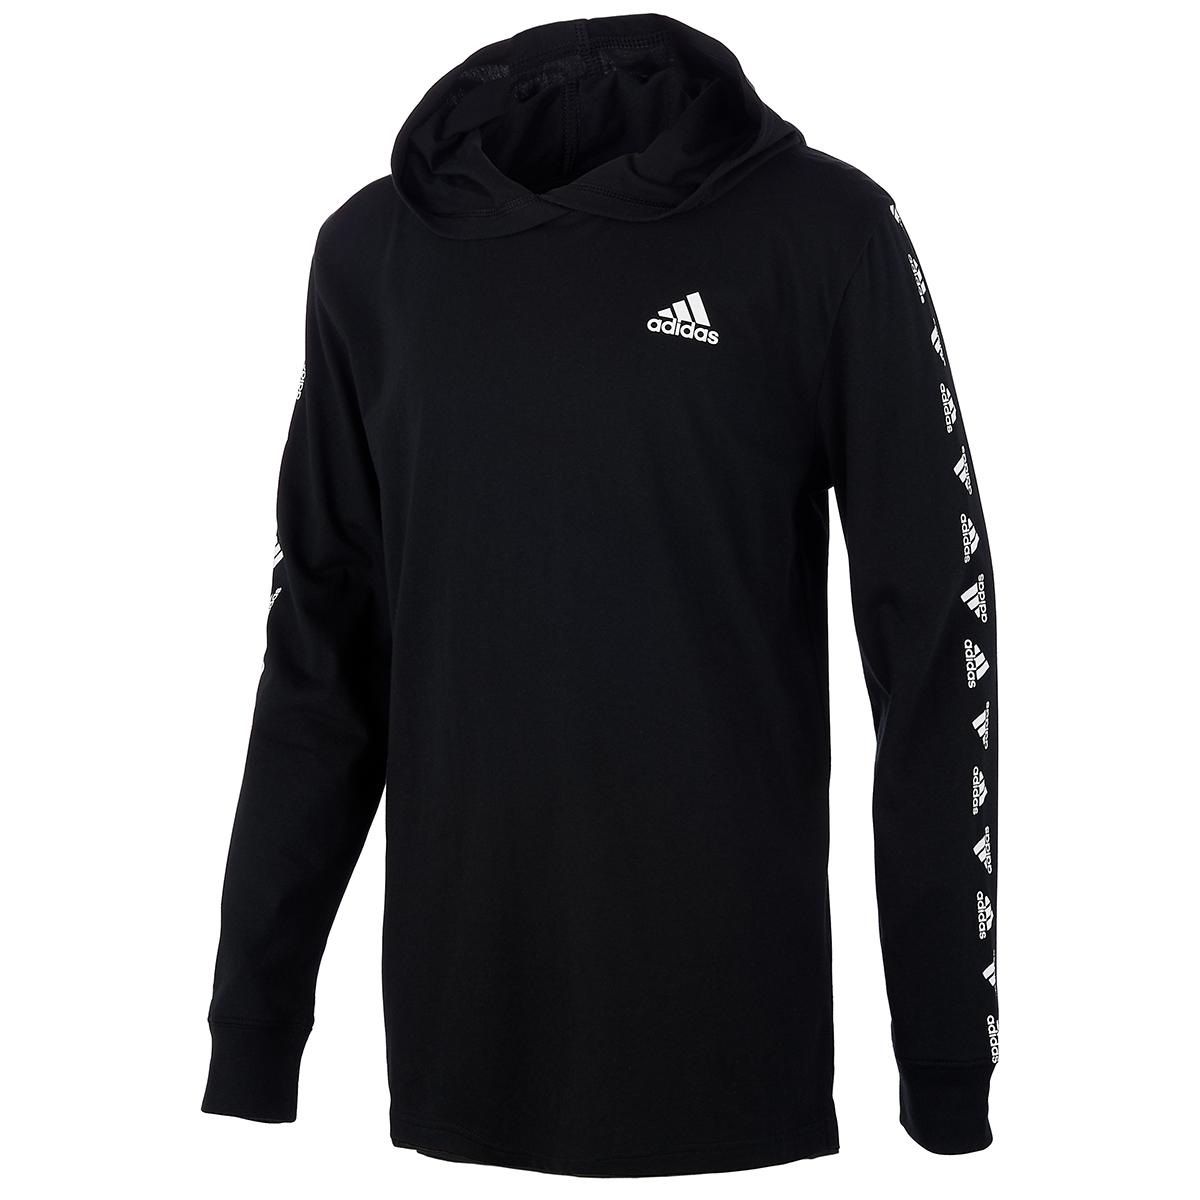 Adidas Boys' Brandmark Hooded Long-Sleeve Tee - Black, M